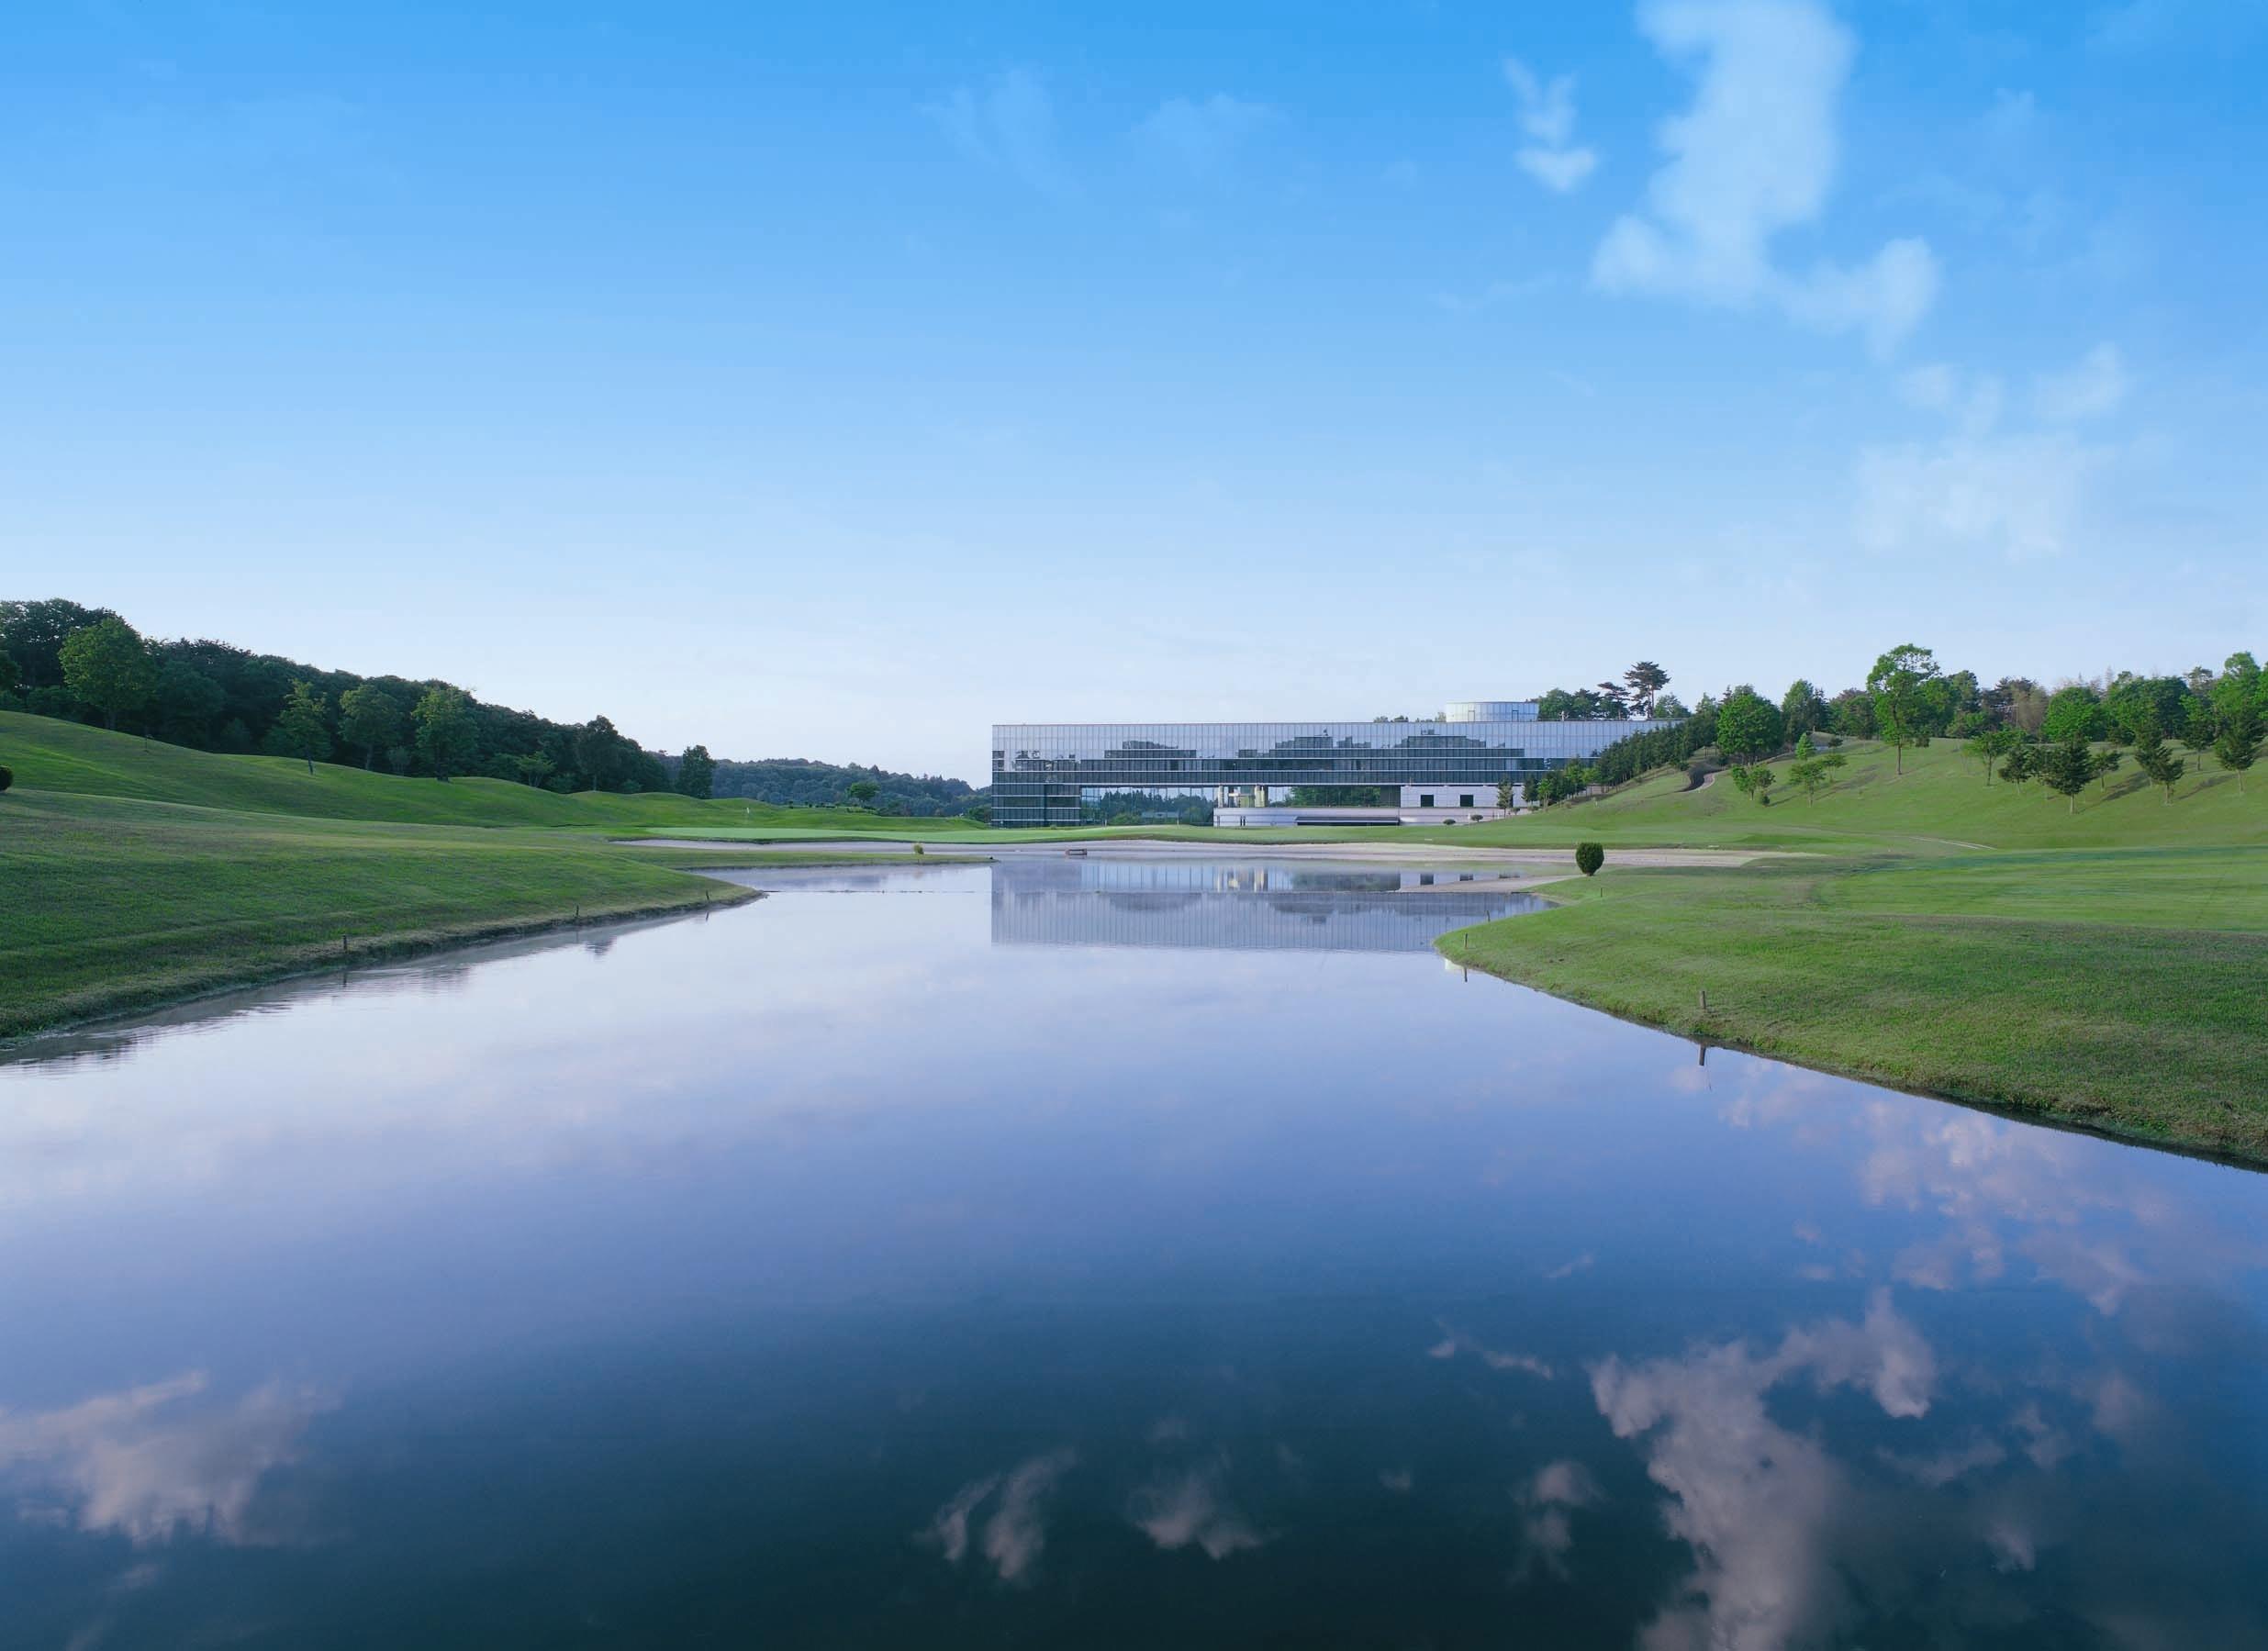 ベルセルバカントリークラブさくらコース(栃木県)